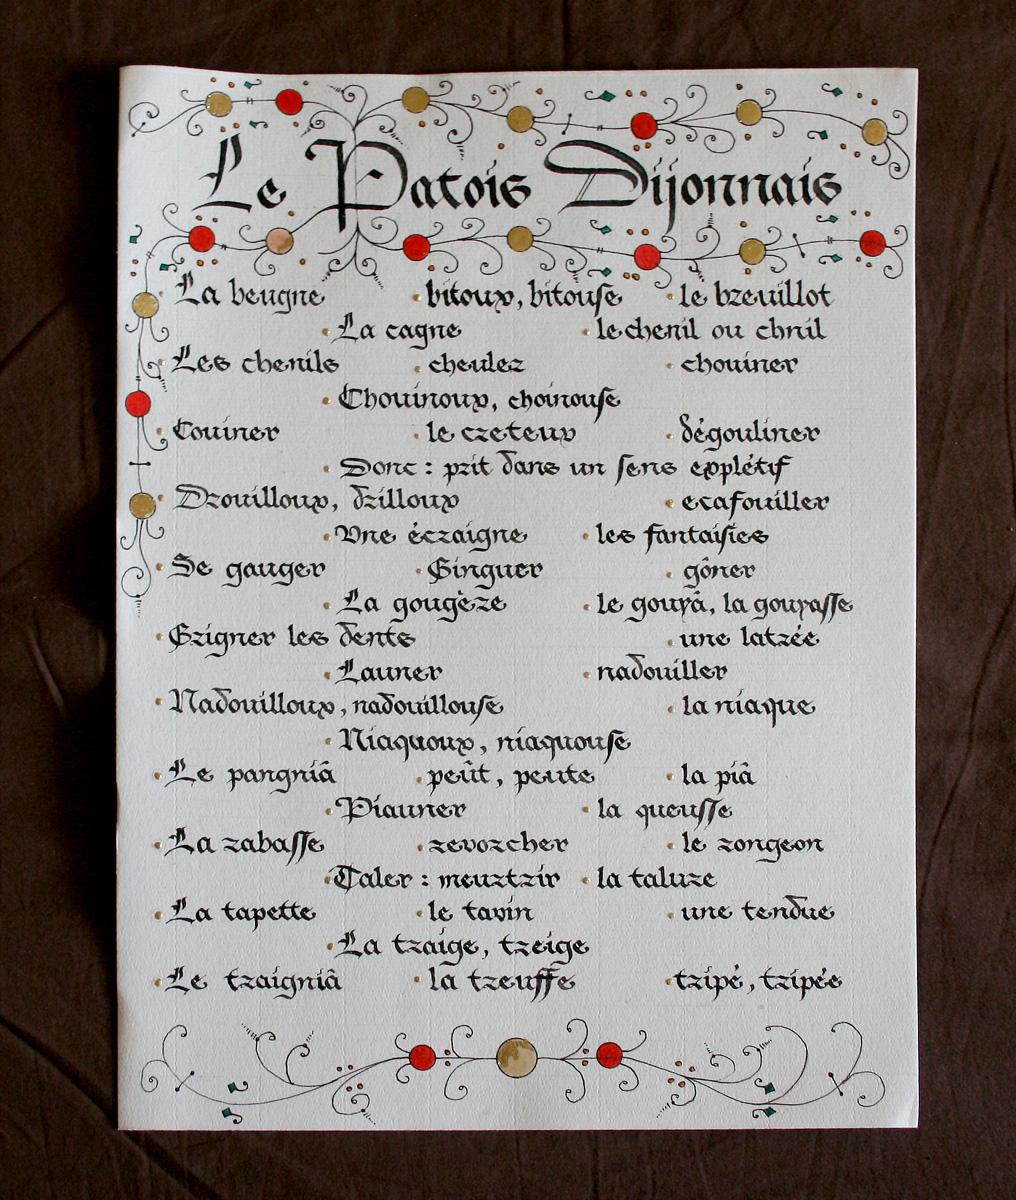 le-patois-dijonnais